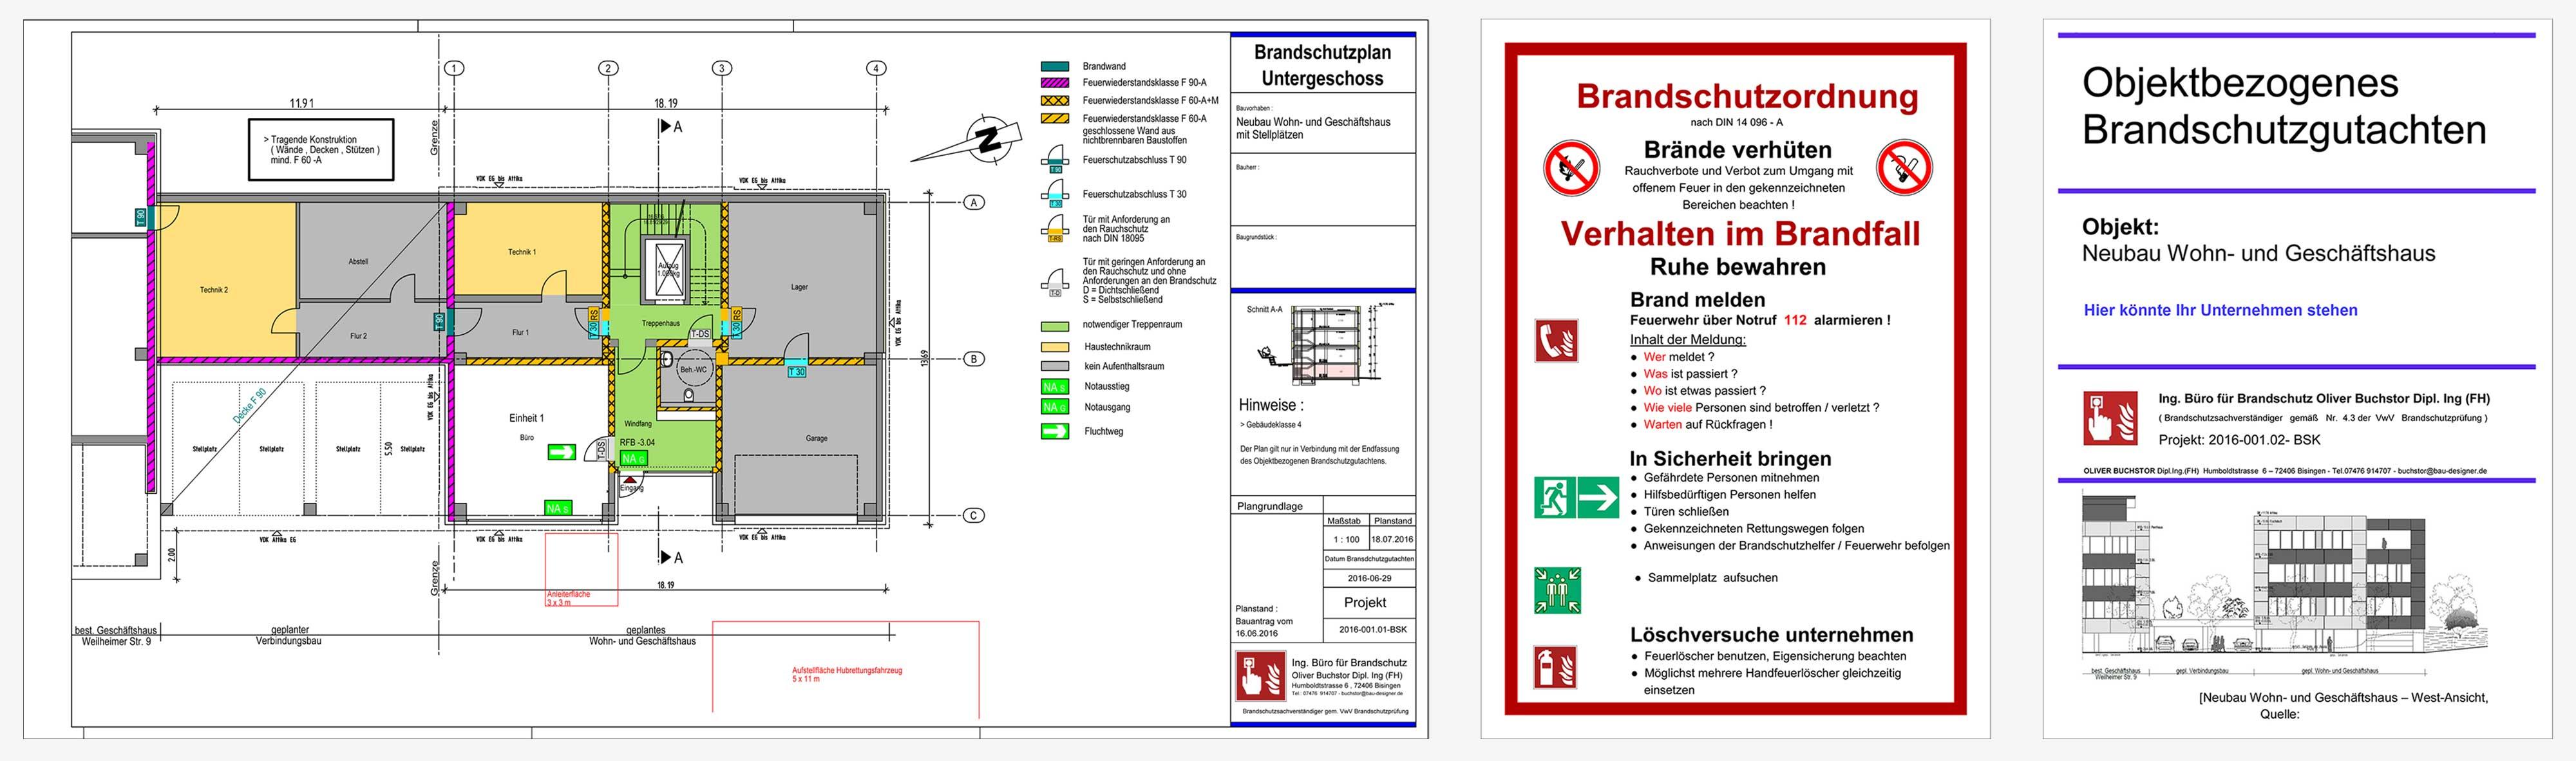 Gemütlich Brandschutzplan Vorlage Fotos - Beispiel Wiederaufnahme ...